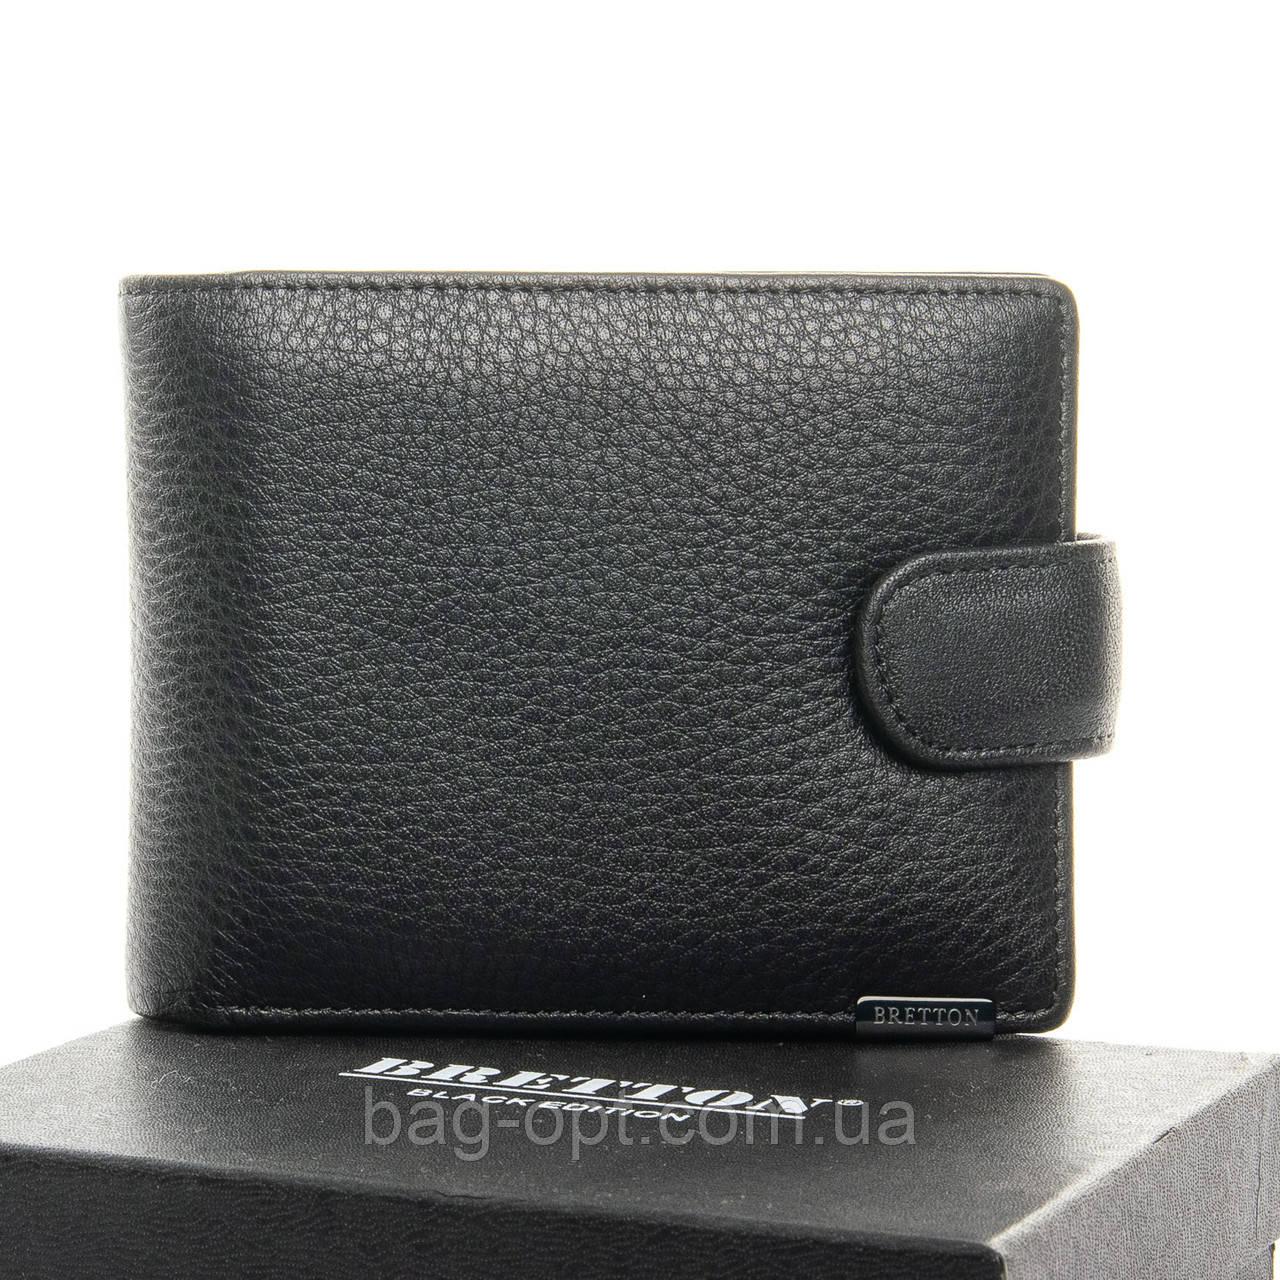 Мужской кошелек из натуральной кожи Bretton (12x9.5x3 см)